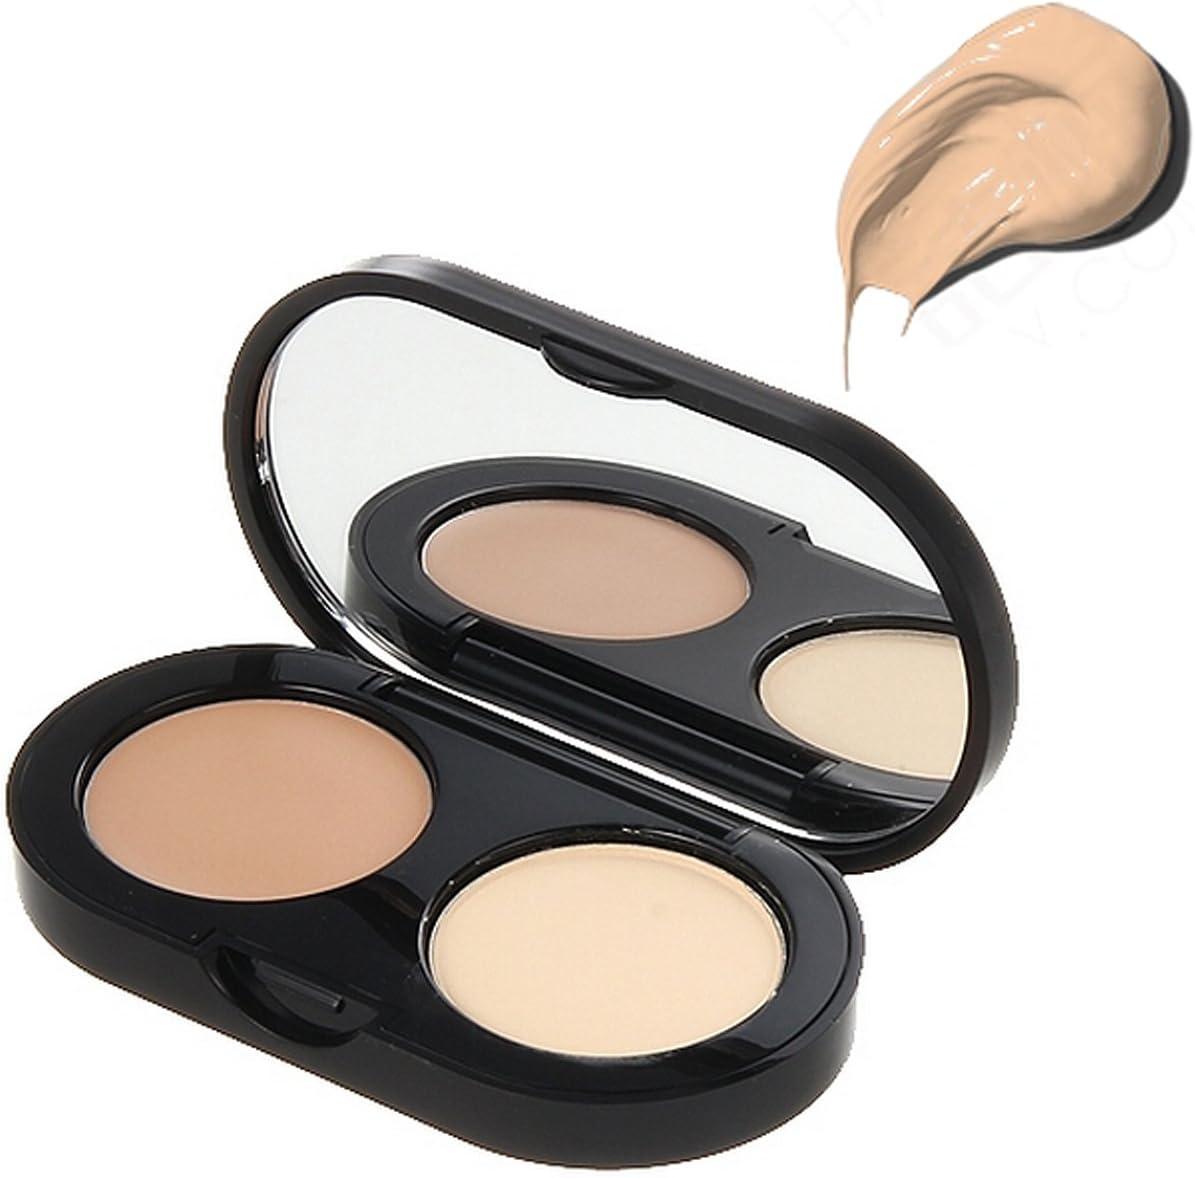 Bobbi Brown Creamy Concealer Kit, 06 Beige, 1er Pack (1 x 1 g)